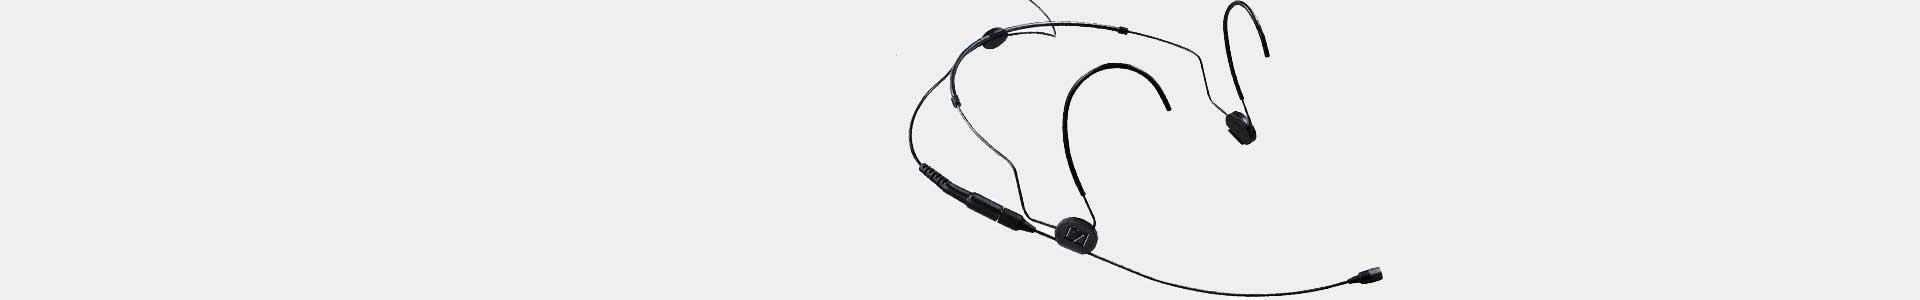 Micrófonos Diadema profesionales - Mejores marcas - Avacab